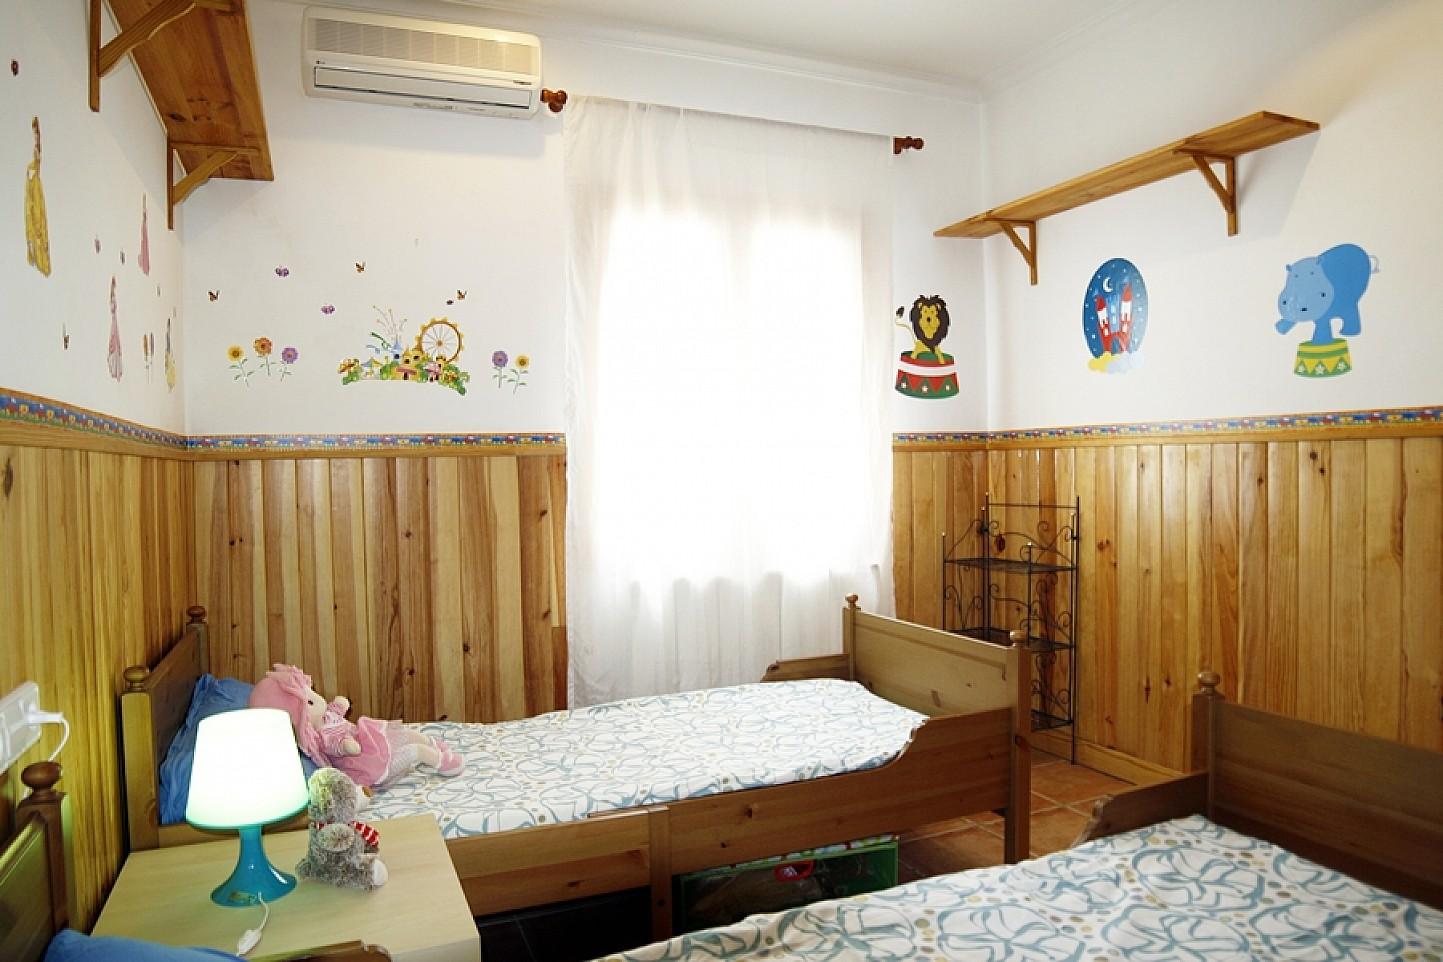 Habitación individual de casa unifamiliar con mucho encanto en venta en Llucmajor, Mallorca